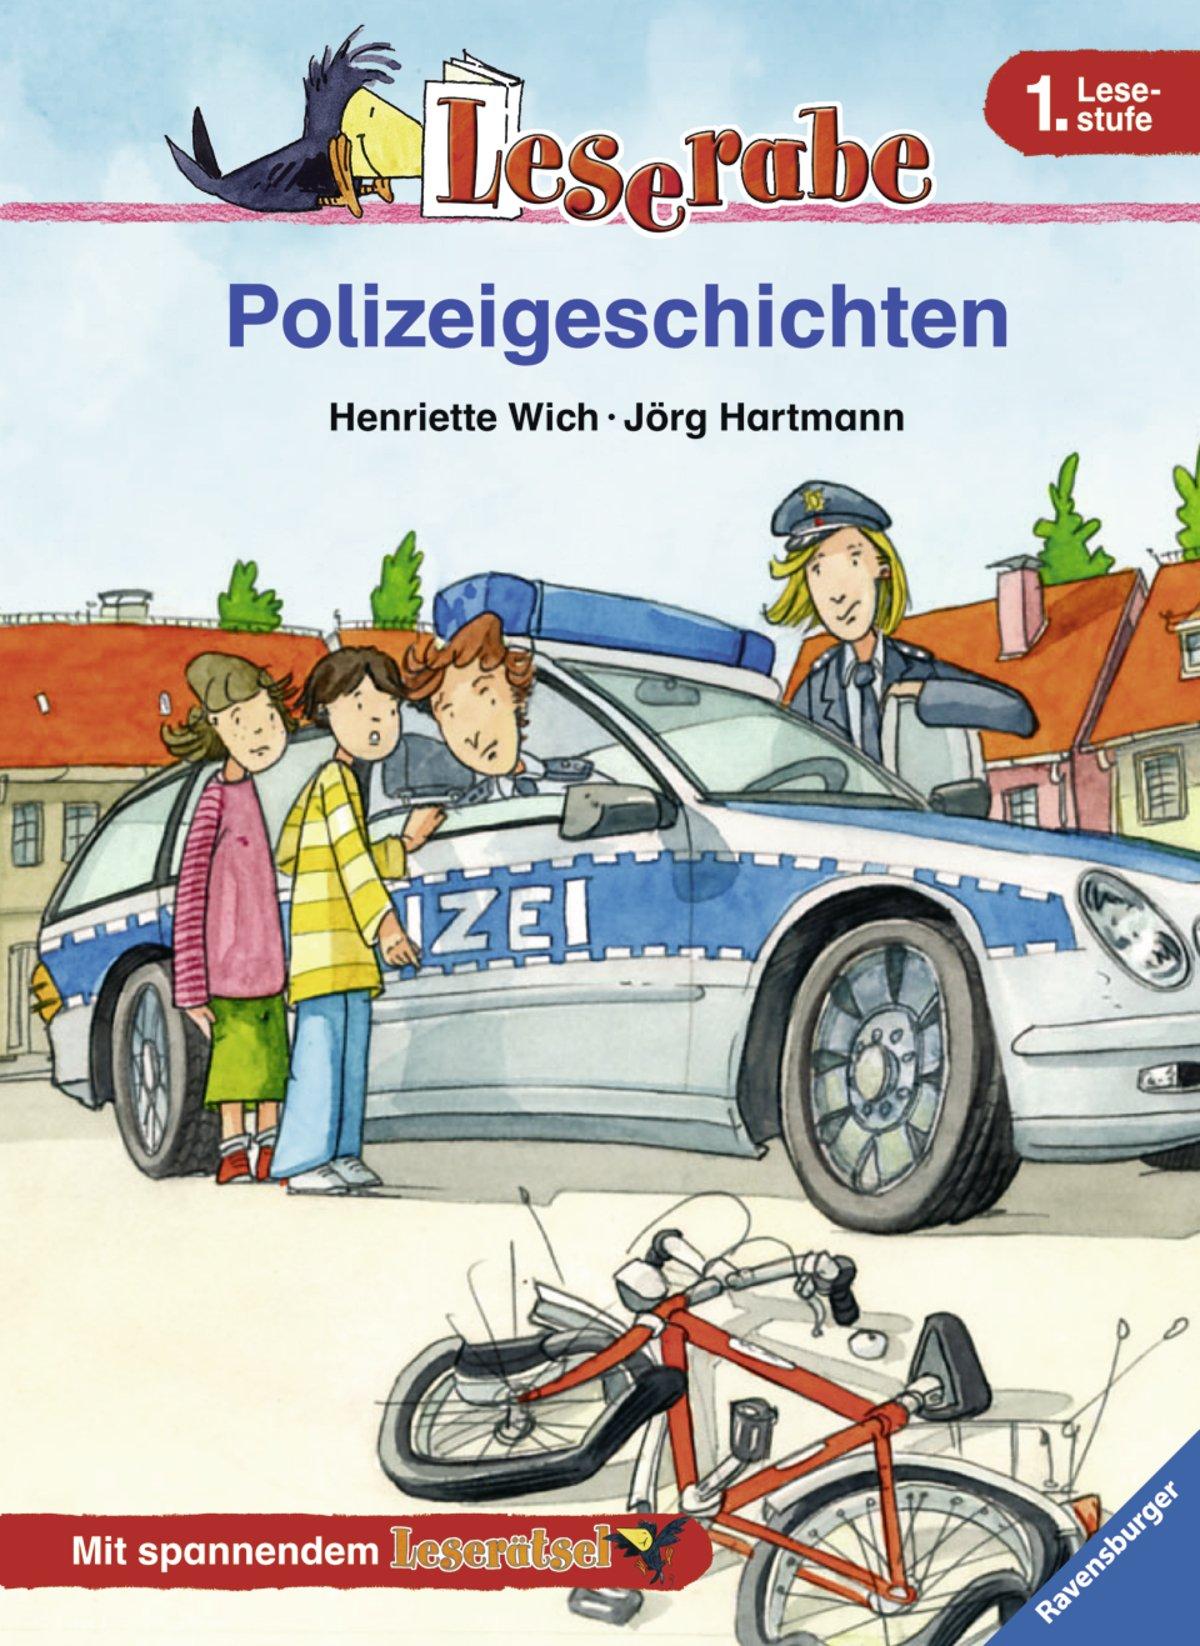 Leserabe. Polizeigeschichten. 1.Lesestufe, ab 1. Klasse